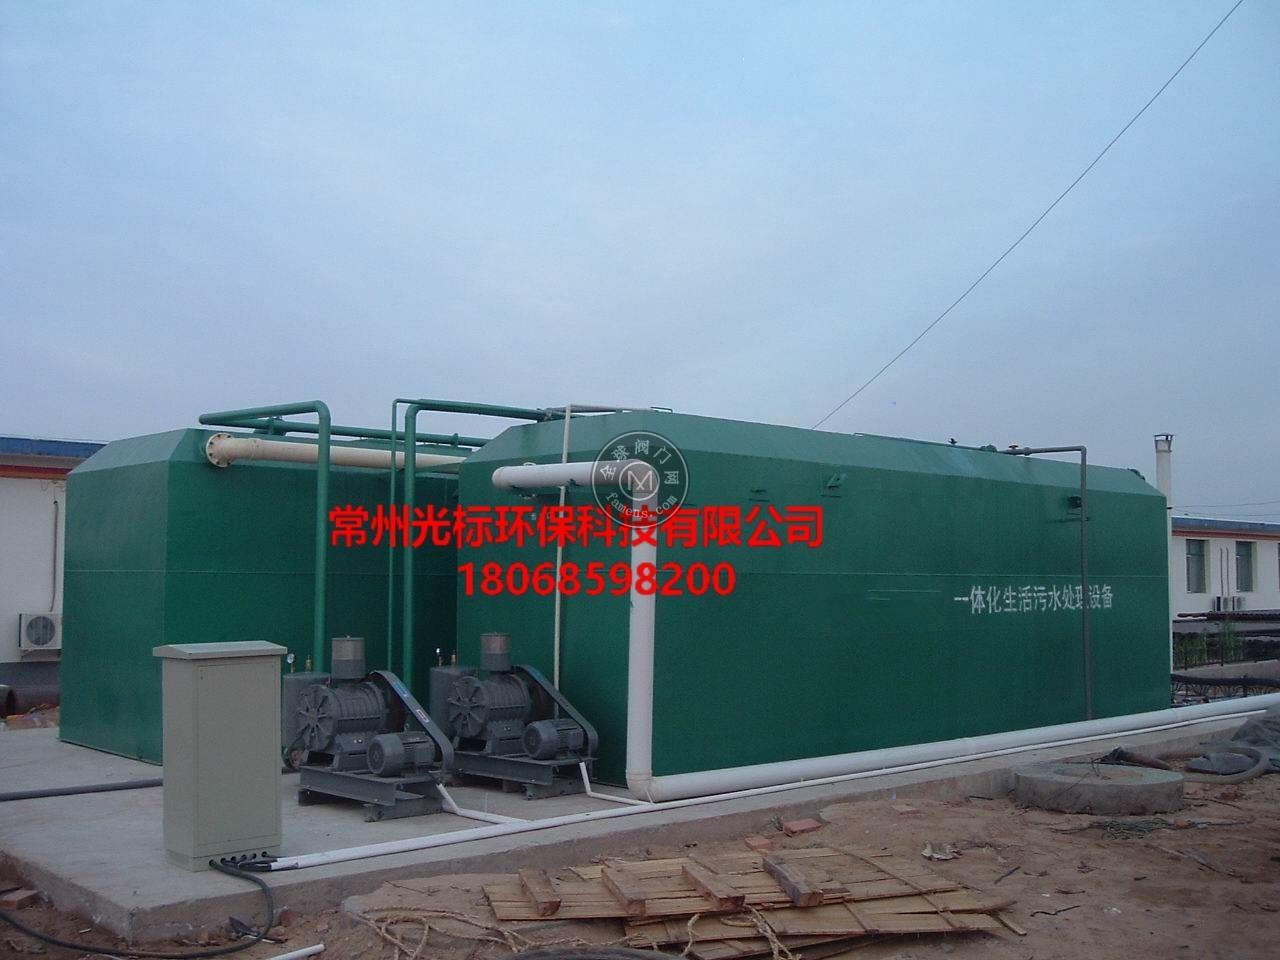 江蘇廠家解讀農村一體化生活污水處理設備工藝的選擇